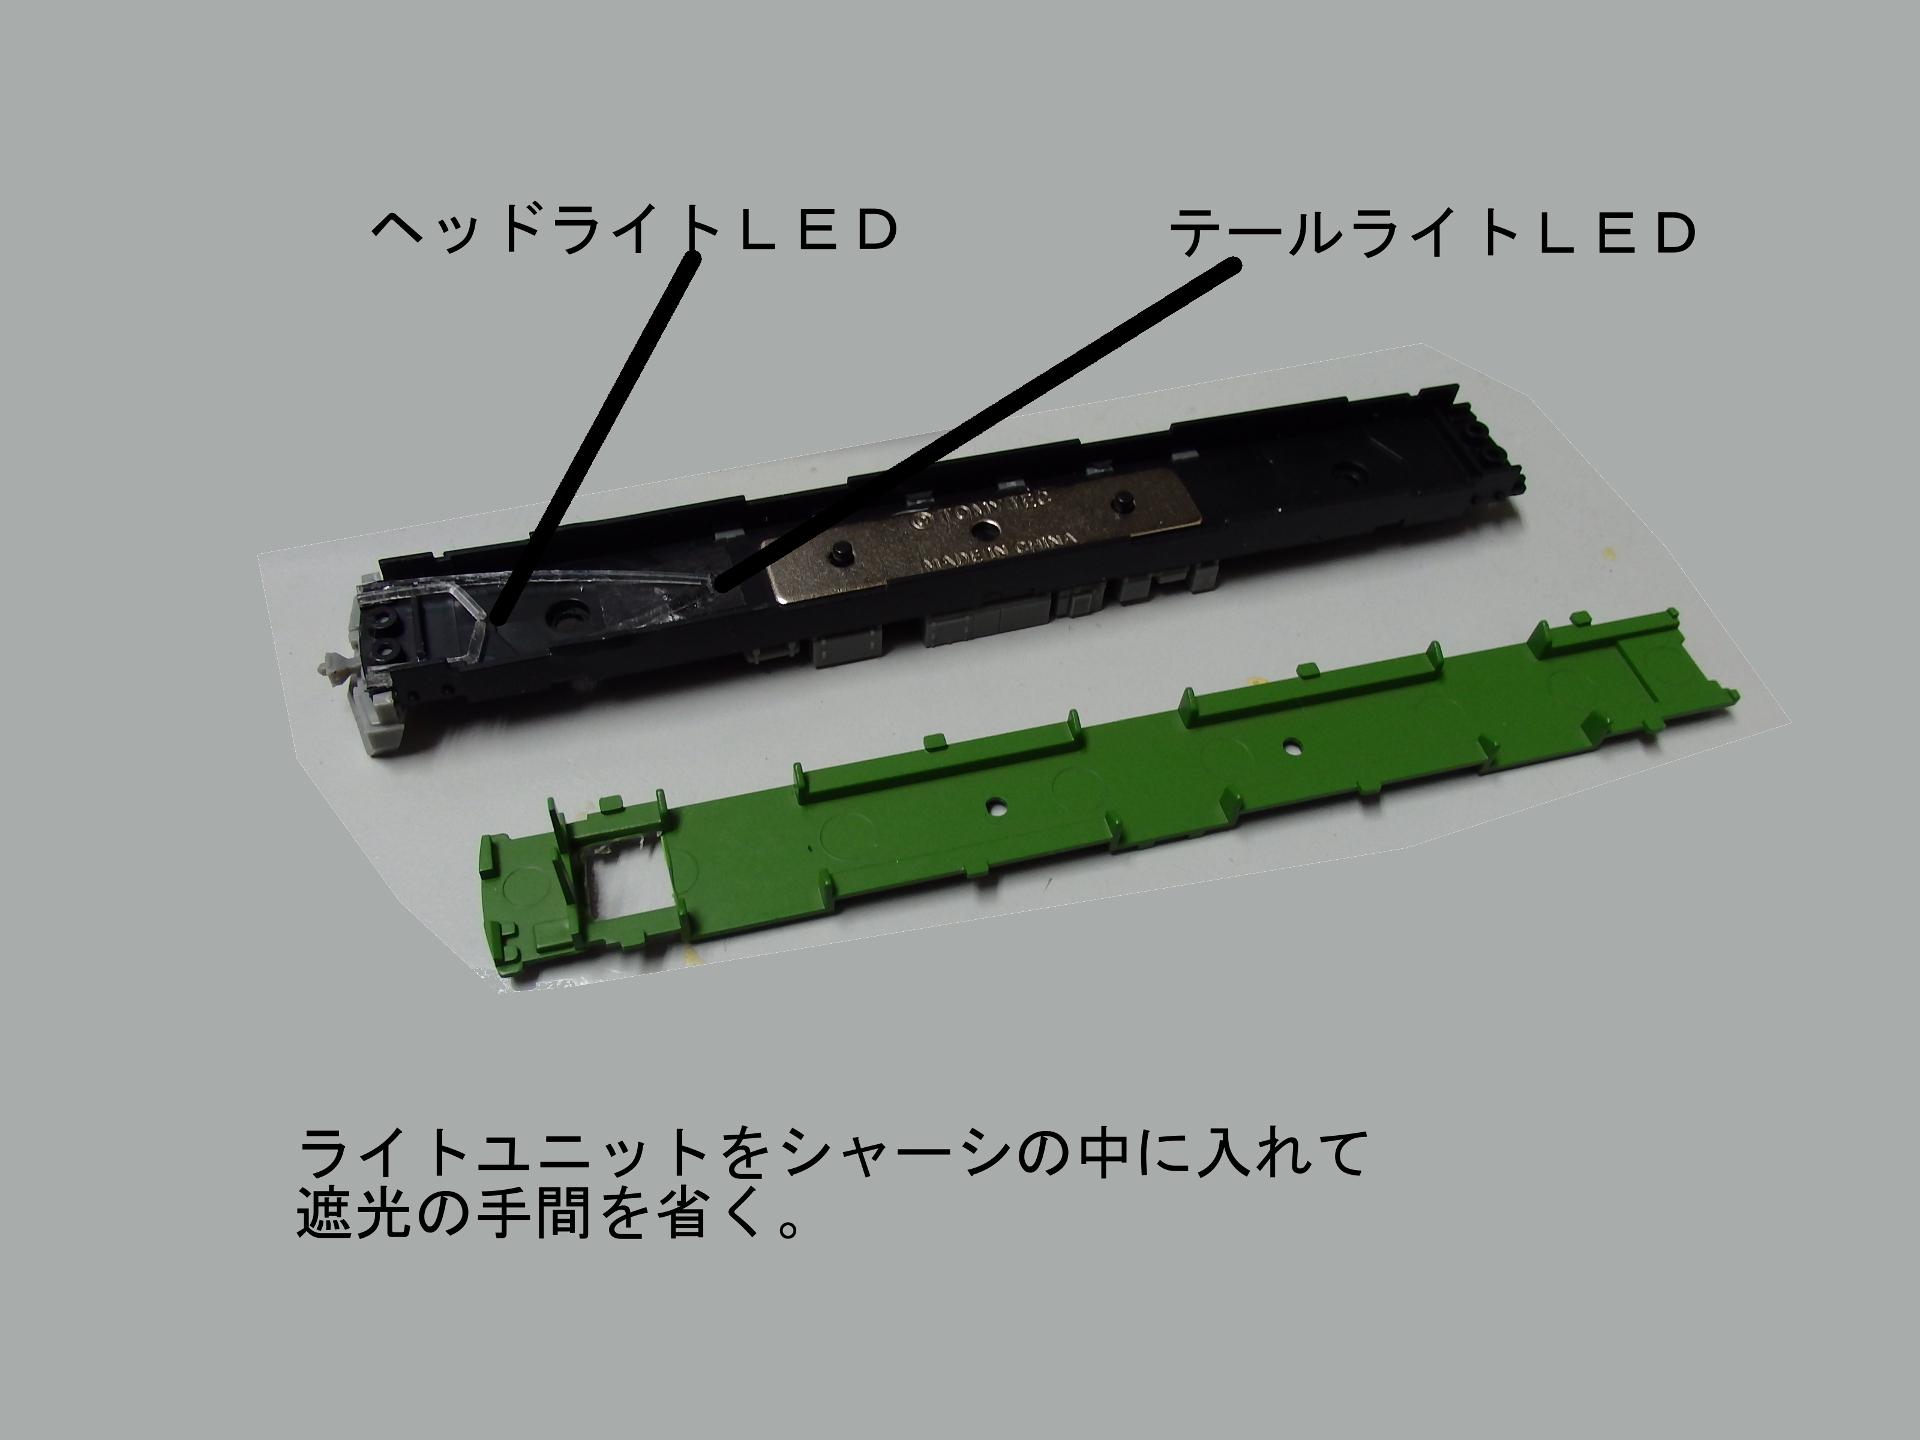 鉄コレでヘッド・テールライト点灯化の工夫。